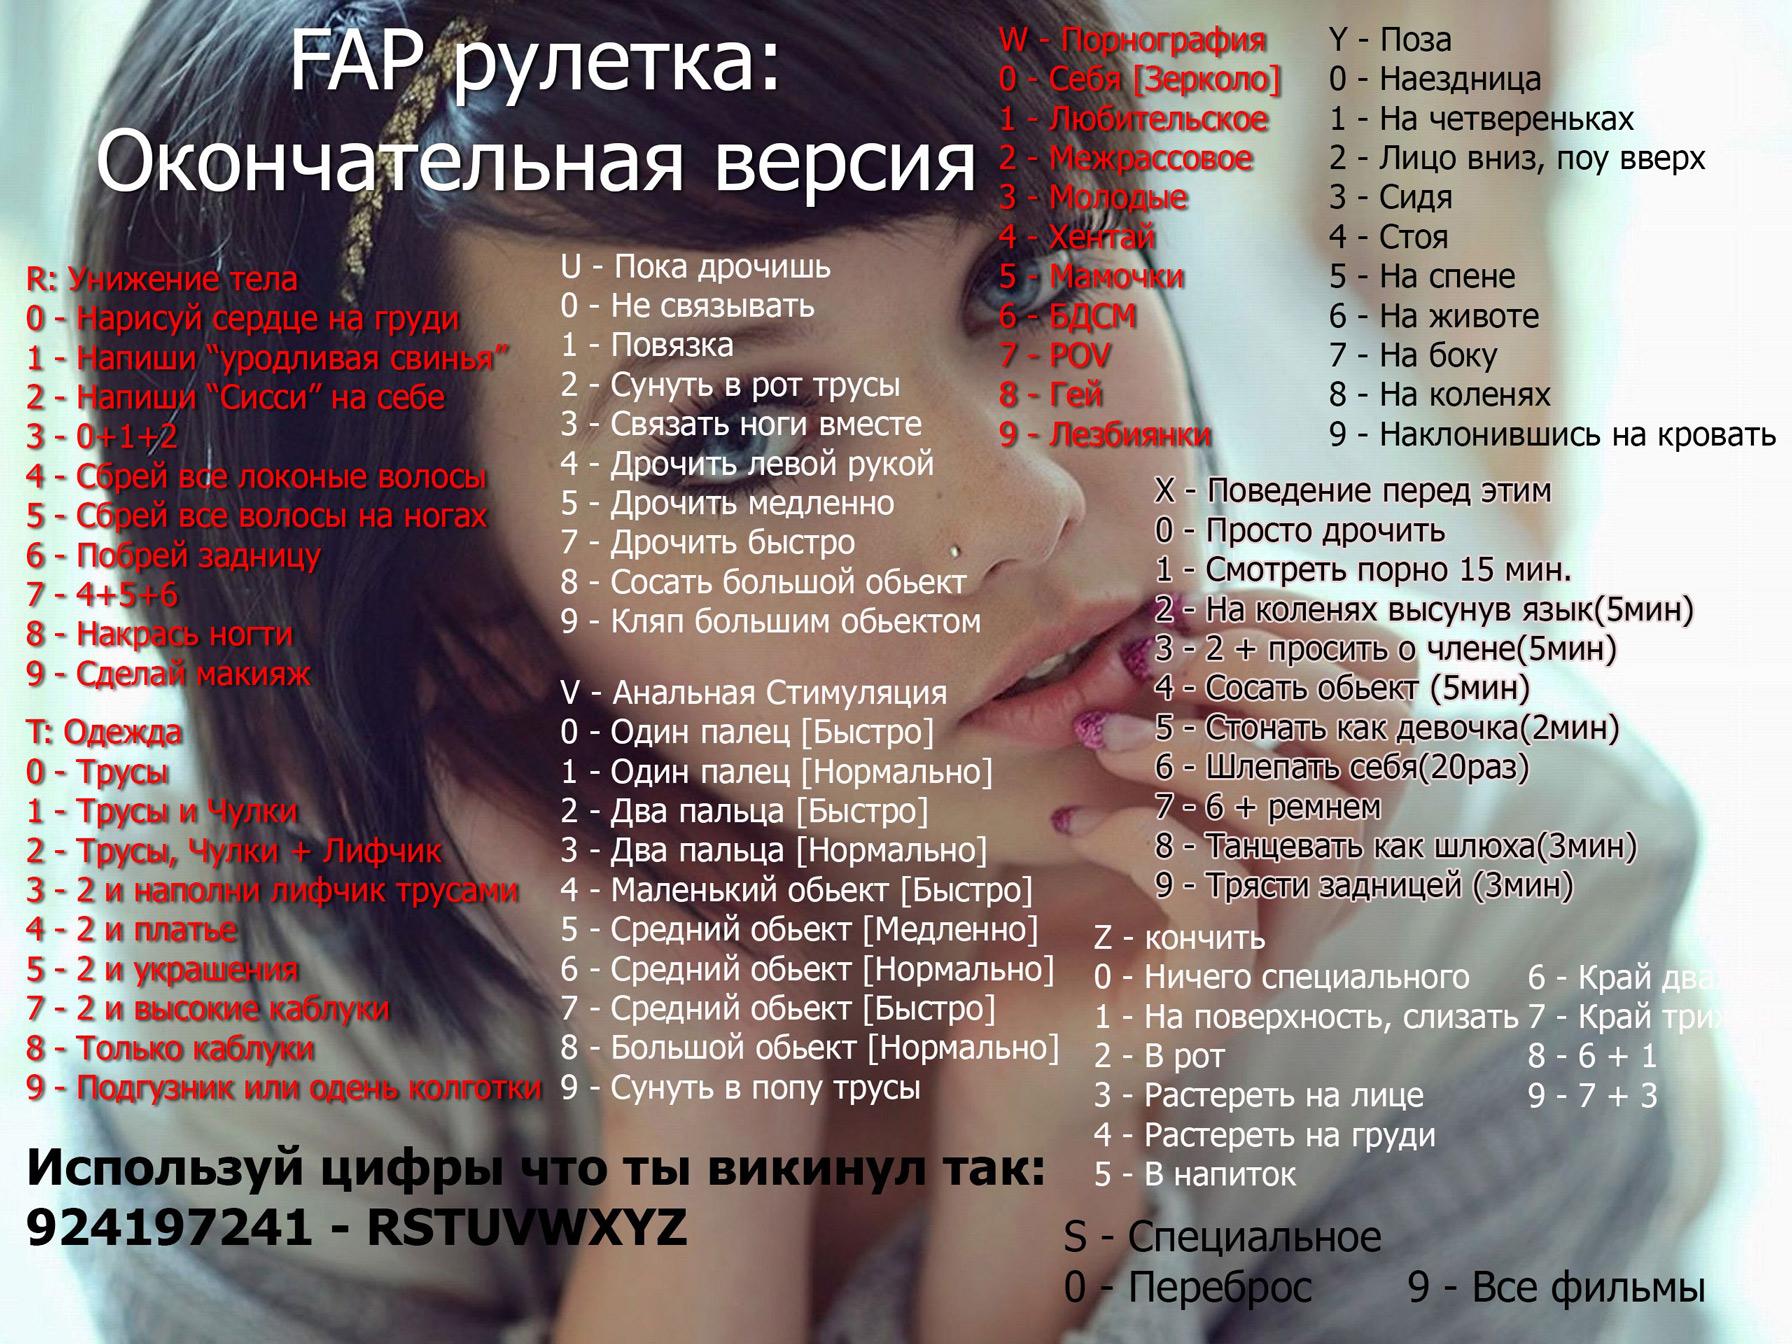 Инструкция для проституток